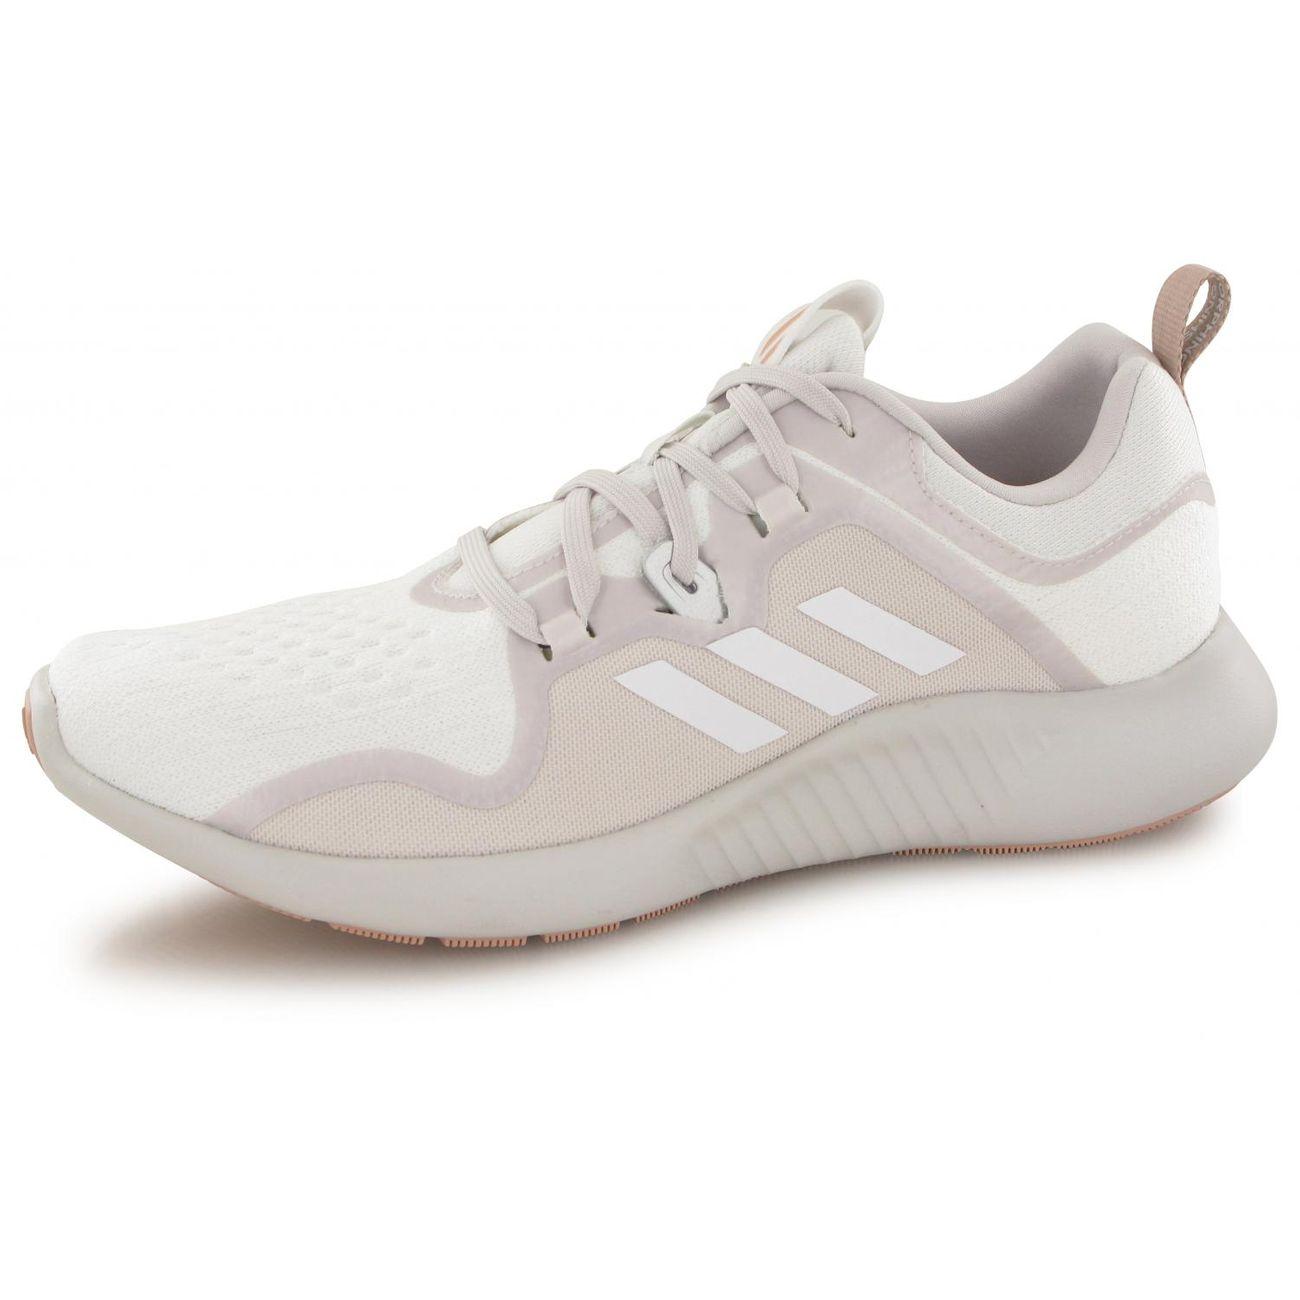 Femme Running Chaussures Adidas Running Edgebounce Chaussures Edgebounce Femme Running Adidas Adidas Femme Chaussures xBhQrCdts